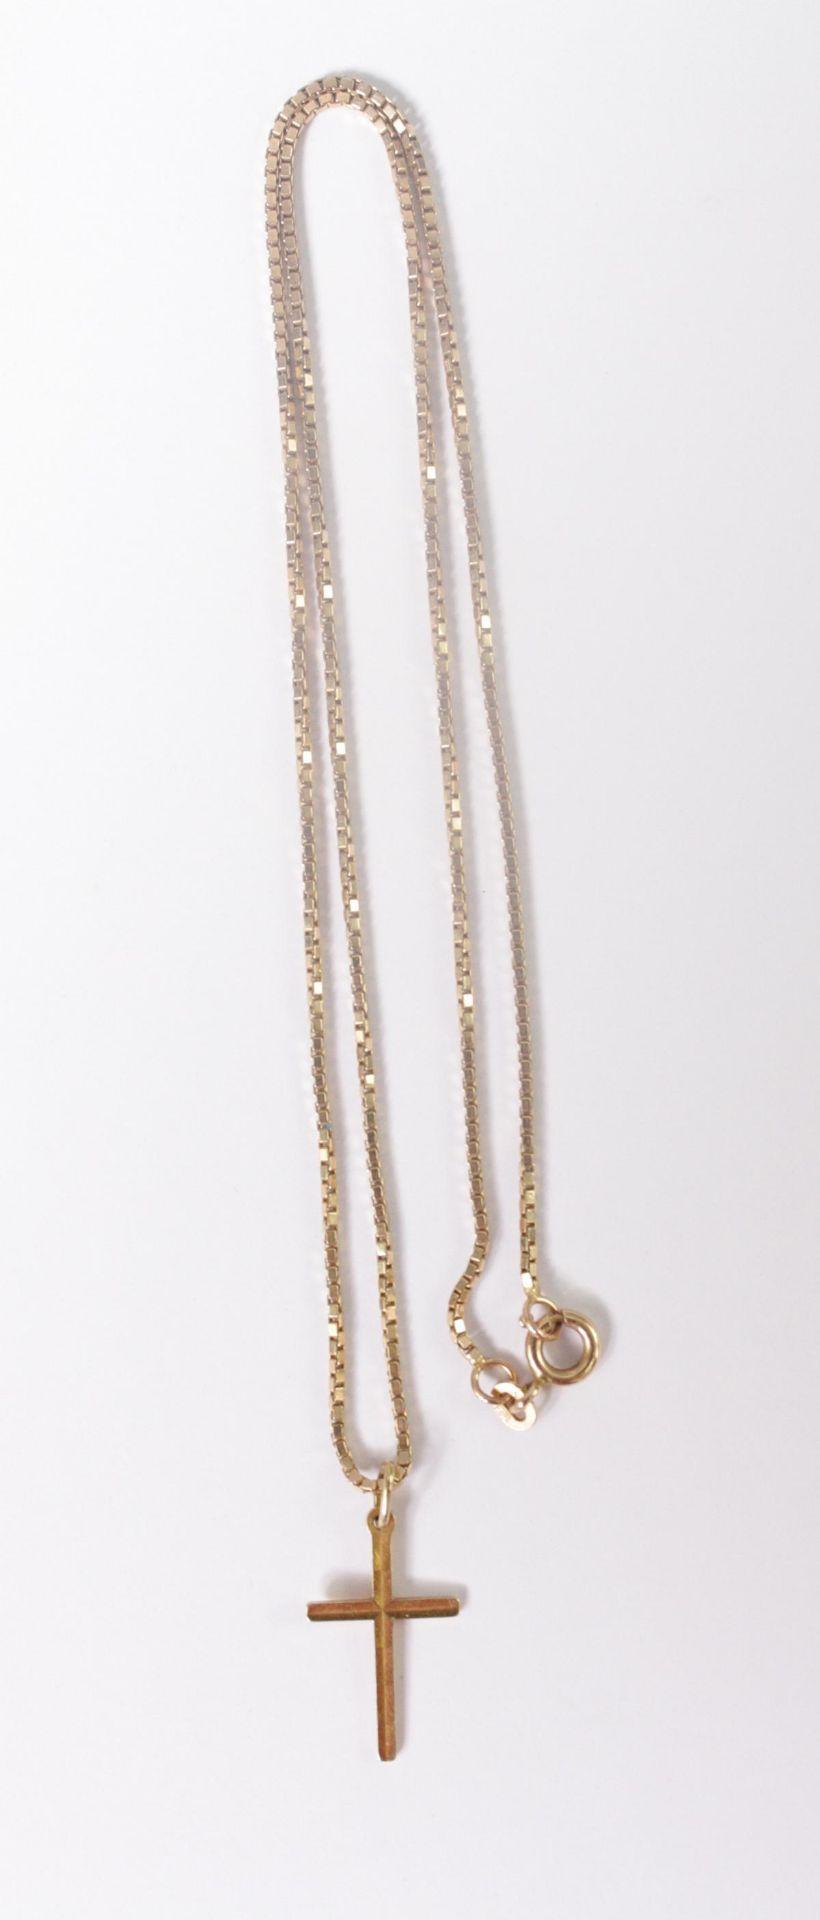 Halskette mit Kreuzanhänger 14 Karat Gelbgold - Bild 2 aus 2